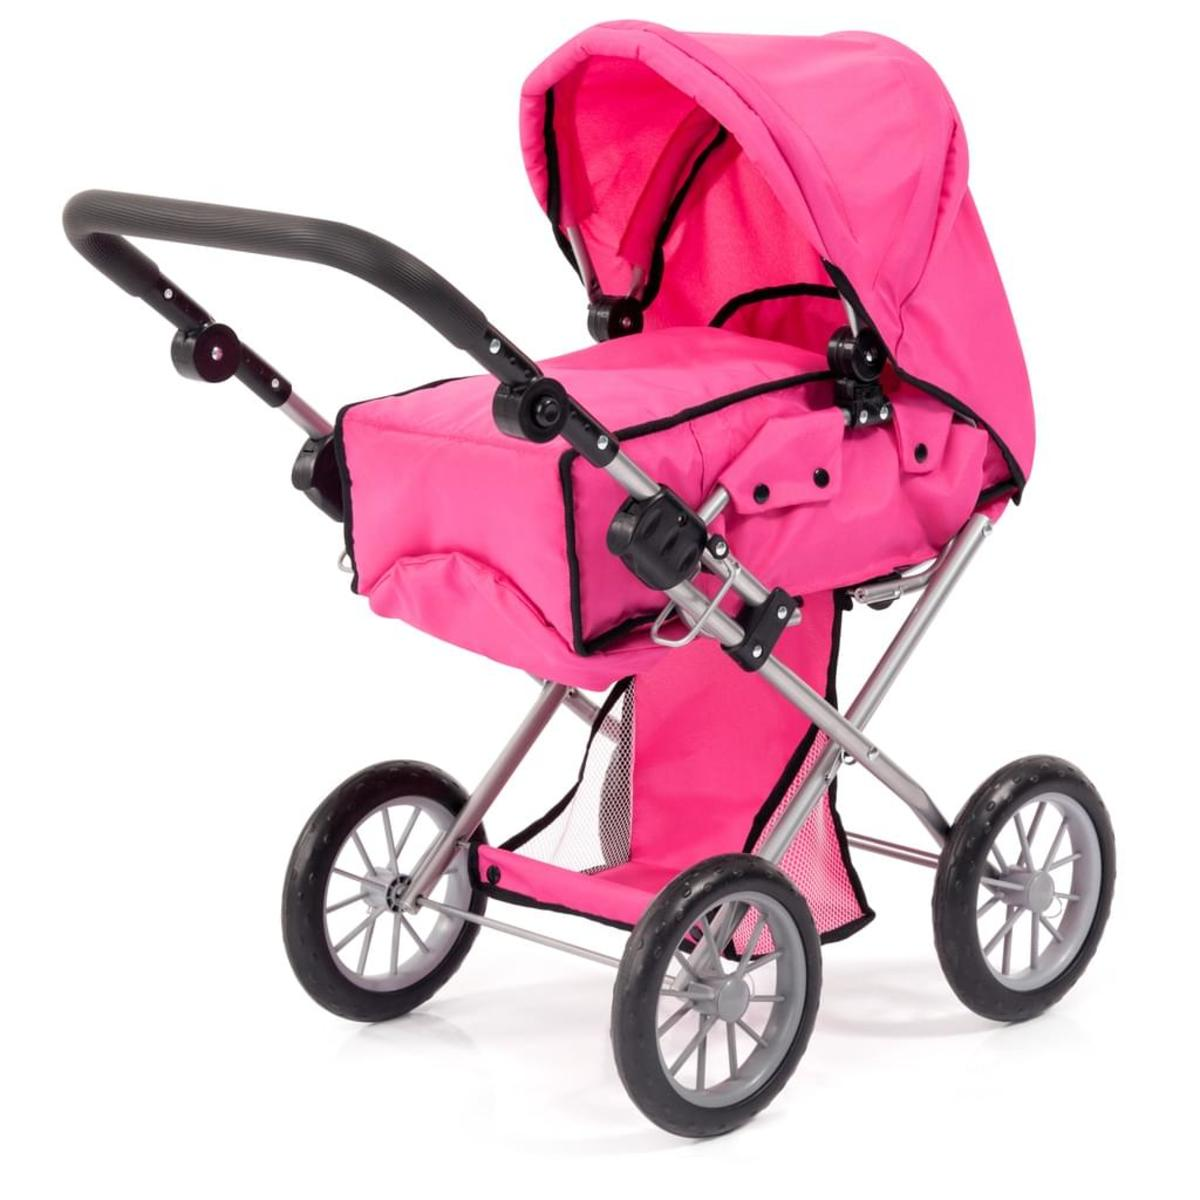 Bild 2 von Puppenwagen City Star pink